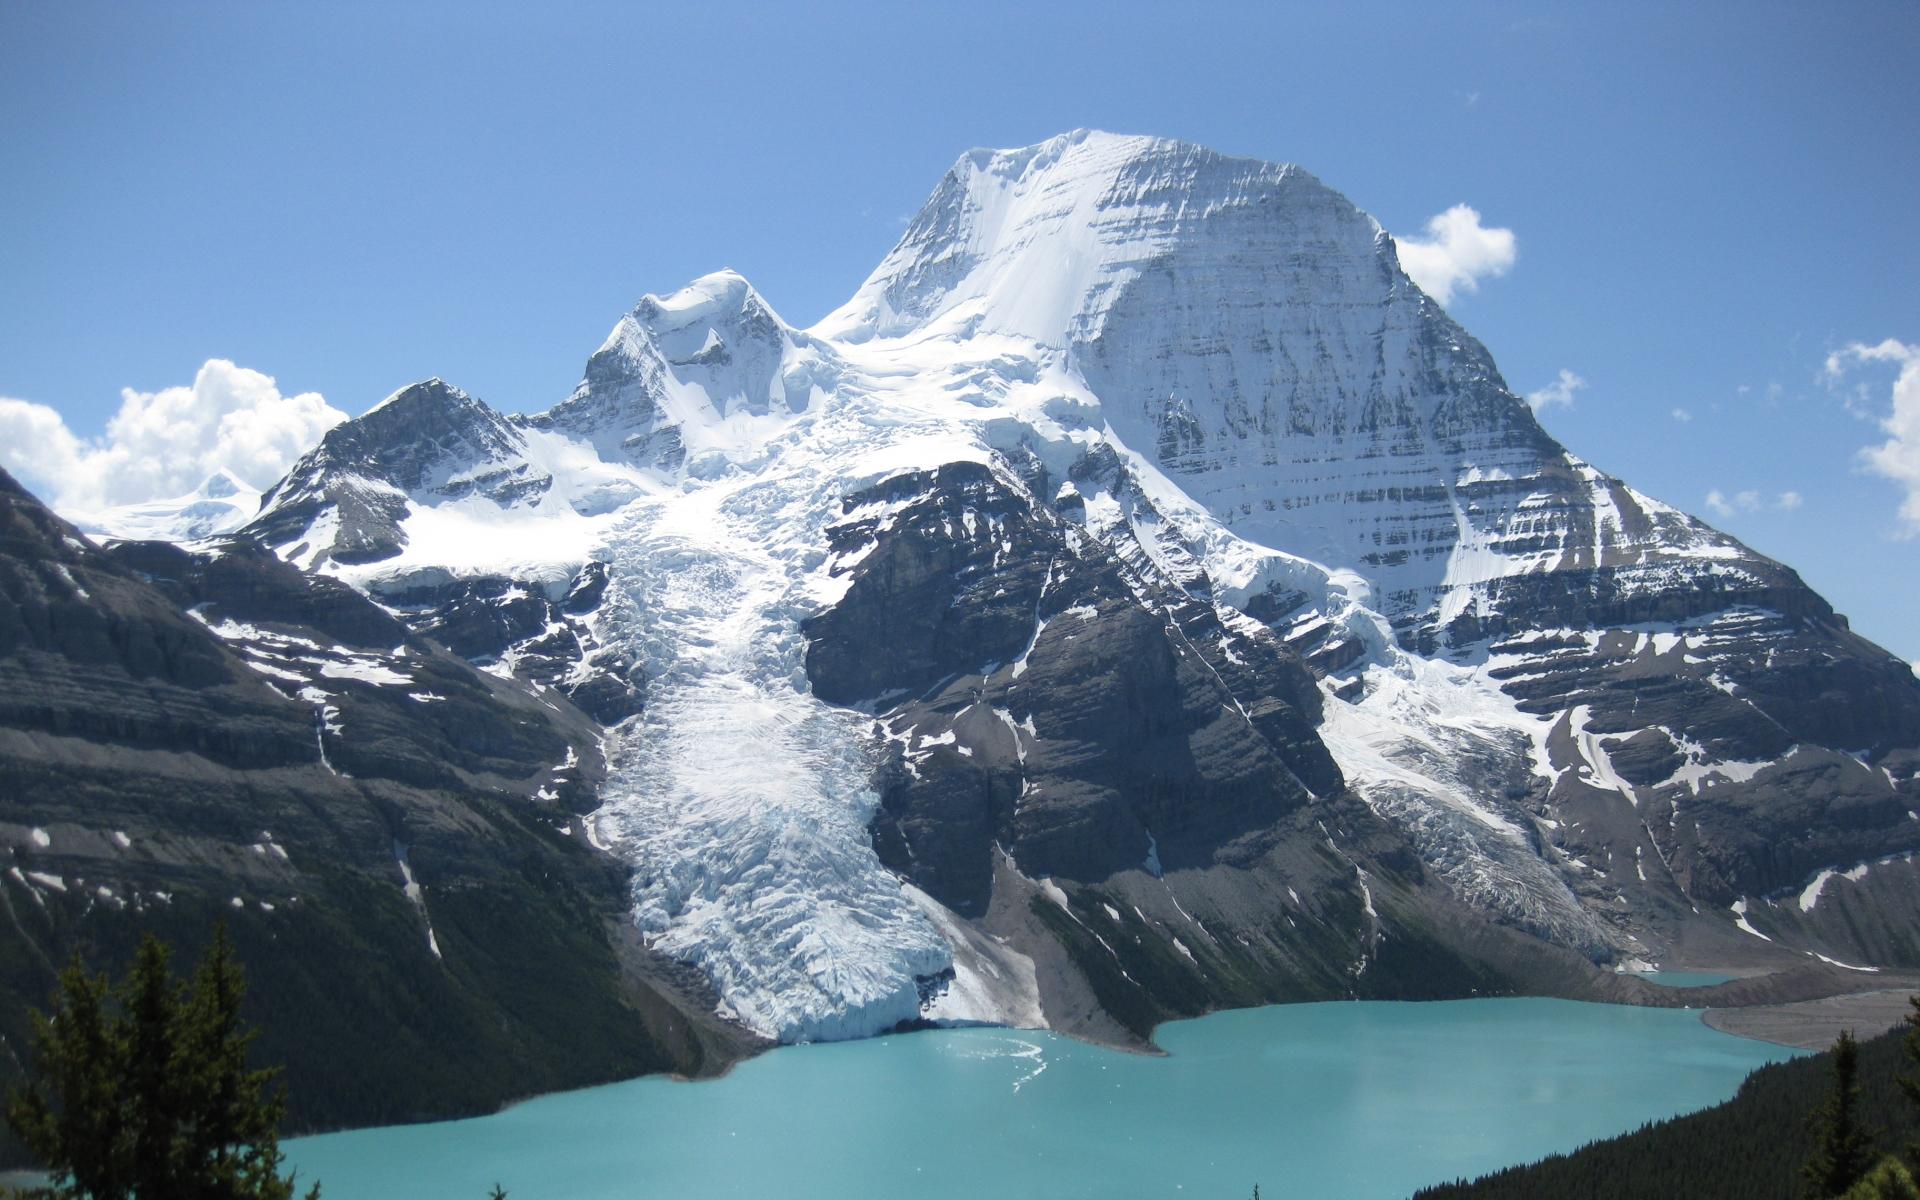 Canada Snow Mountain Sea HD Desktop wallpaper images and photos 1920x1200